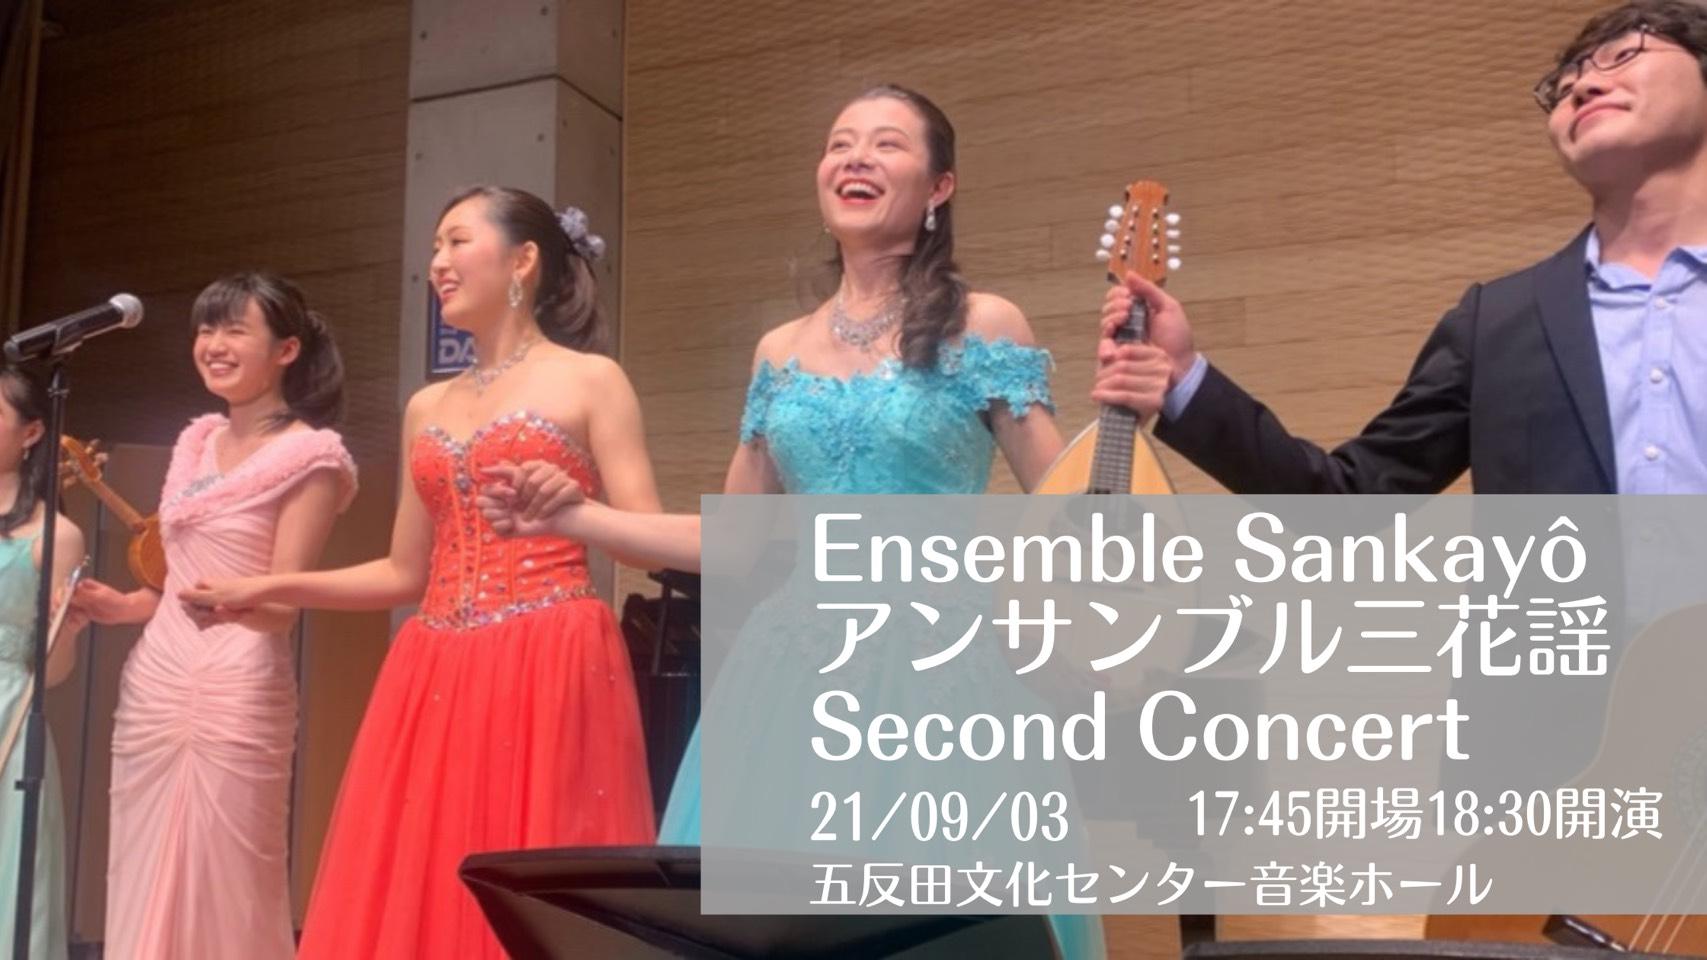 Ensemble Sankayô Second Concert